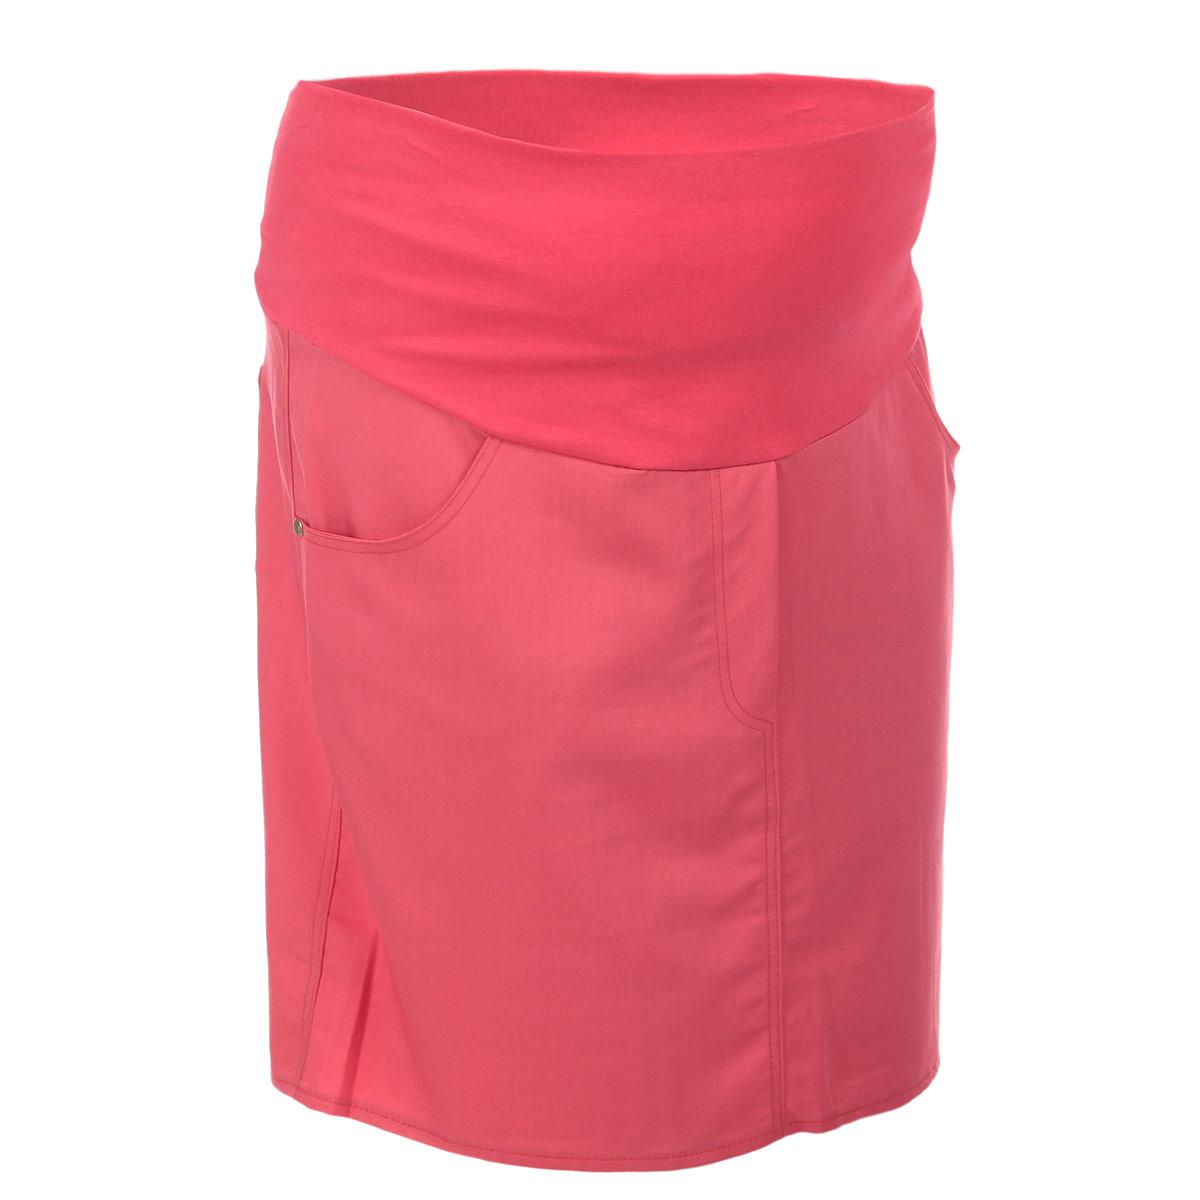 Юбка для беременных Nuova Vita, цвет: коралловый. 6107.1. Размер 446107.1Стильная и удобная юбка для беременных Nuova Vita станет отличным дополнением вашего летнего гардероба и подчеркнет очарование будущей мамы.Юбка-миди выполнена из высококачественного материала, она невероятно мягкая и приятная на ощупь. Модель оснащена высоким удобным бандажом, дополнительно поддерживающим живот. Юбка дополнена двумя втачными карманами спереди и двумя накладными карманами сзади, а также оформлена имитацией ширинки.Юбка выполнена из вискозы с добавлением полиэстера и эластана. Вискоза является волокном, произведенным из натурального материала - целлюлозы (древесины). Иногда ее называют древесный шелк. Эта ткань на ощупь мягкая и приятная, образует красивые складки. Материал очень хорошо впитывает влагу, не образует катышек со временем, не выцветает на солнце и обладает приятным шелковистым блеском.